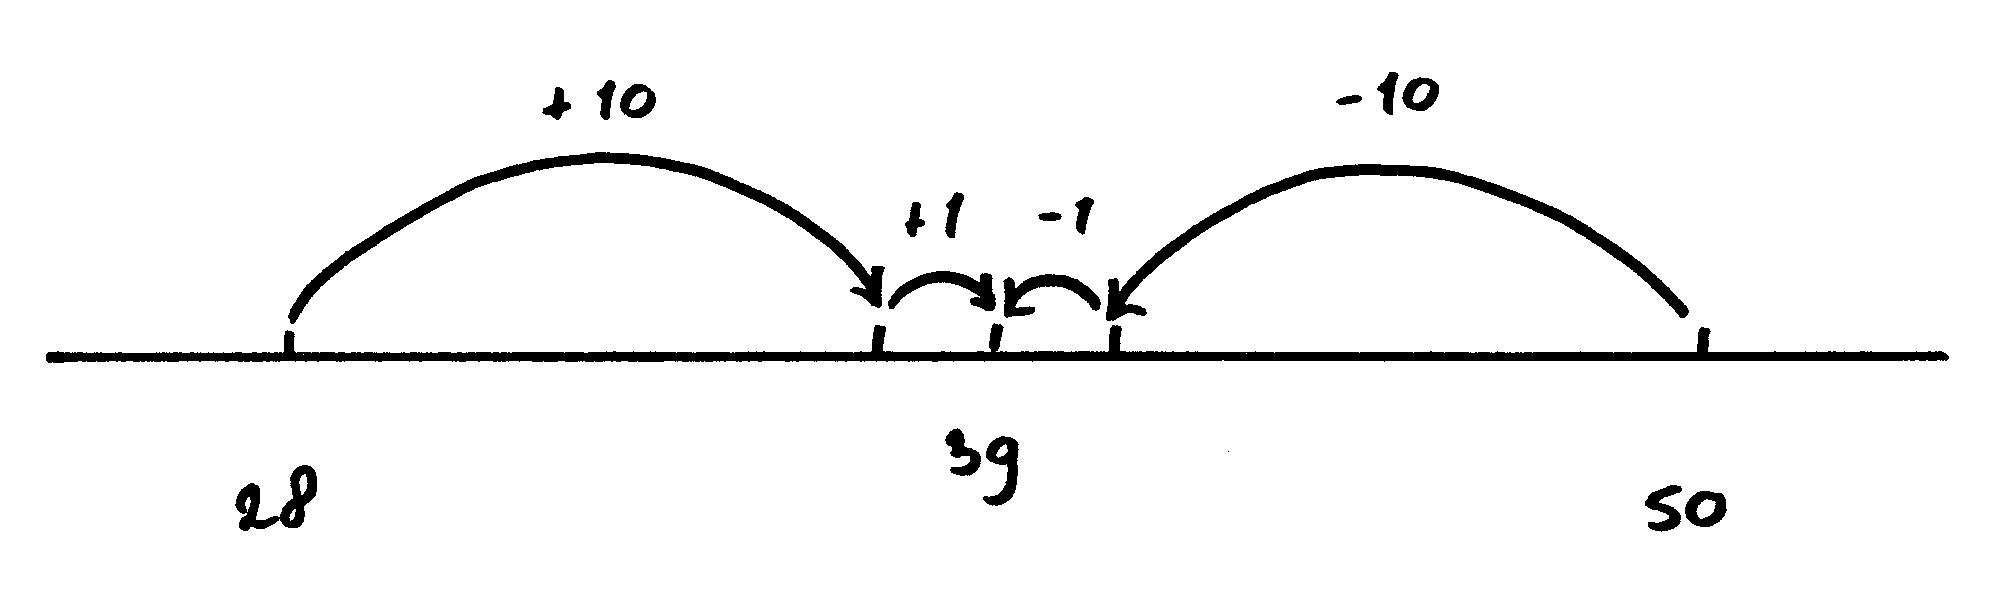 gemiddelde berekenen getallenlijn